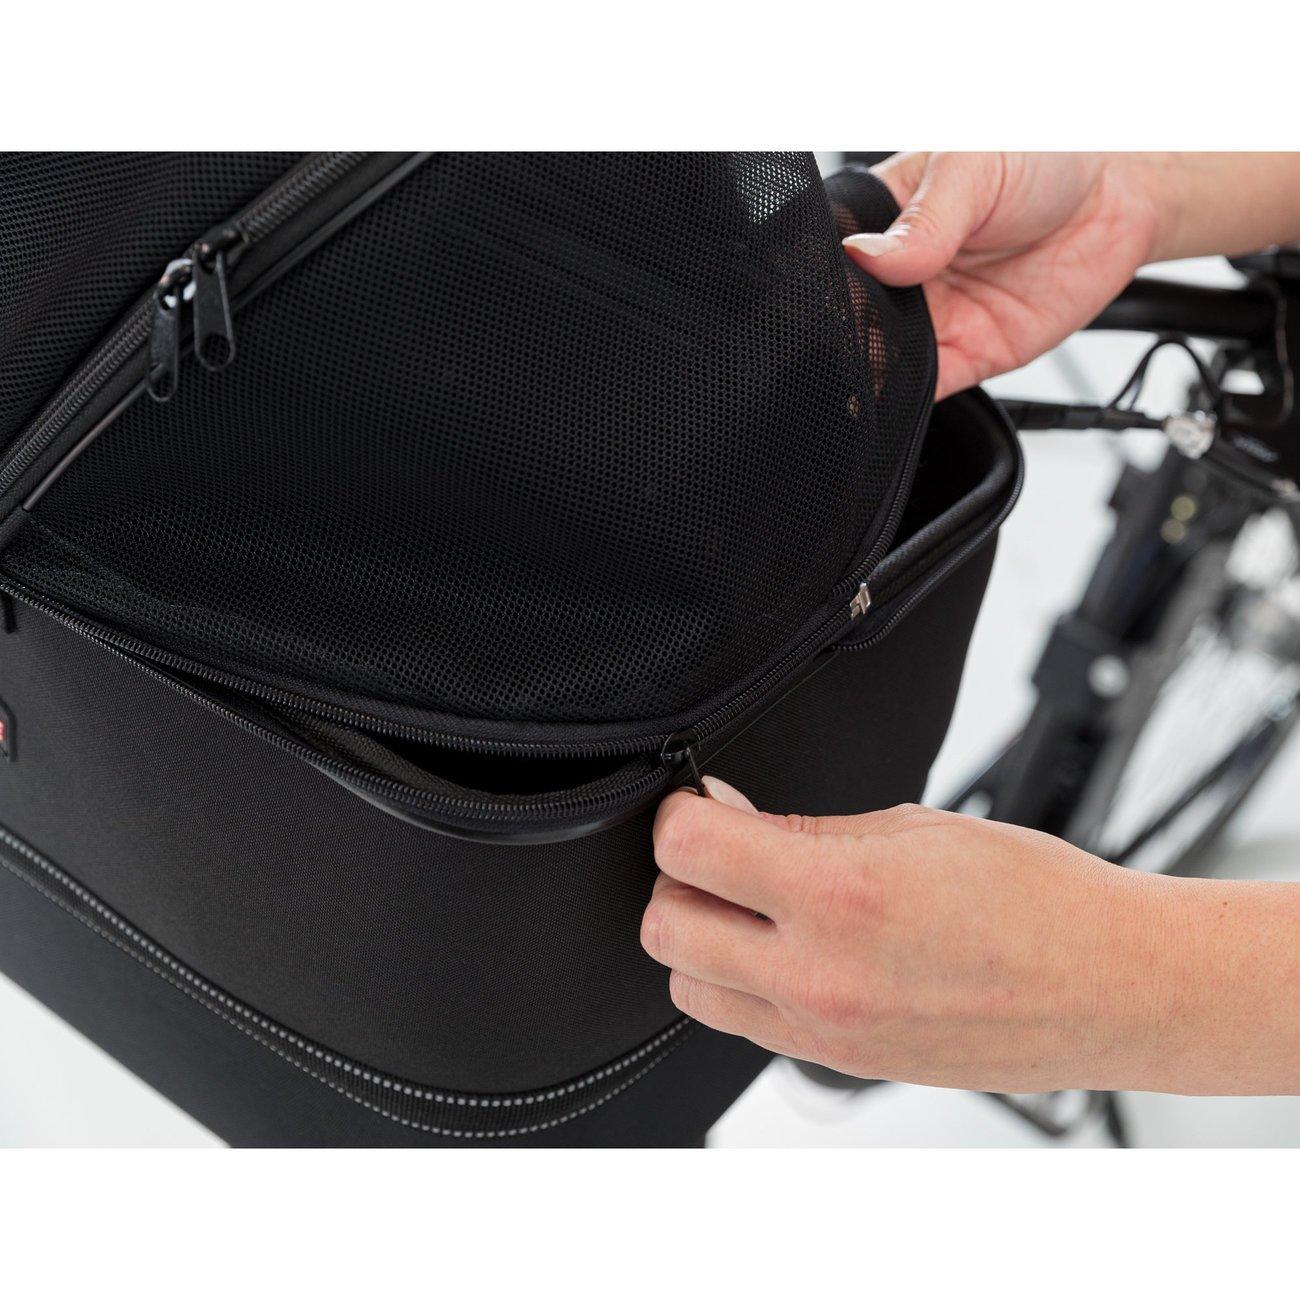 TRIXIE Lenker Front-Fahrradkorb für Hunde 13108, Bild 28